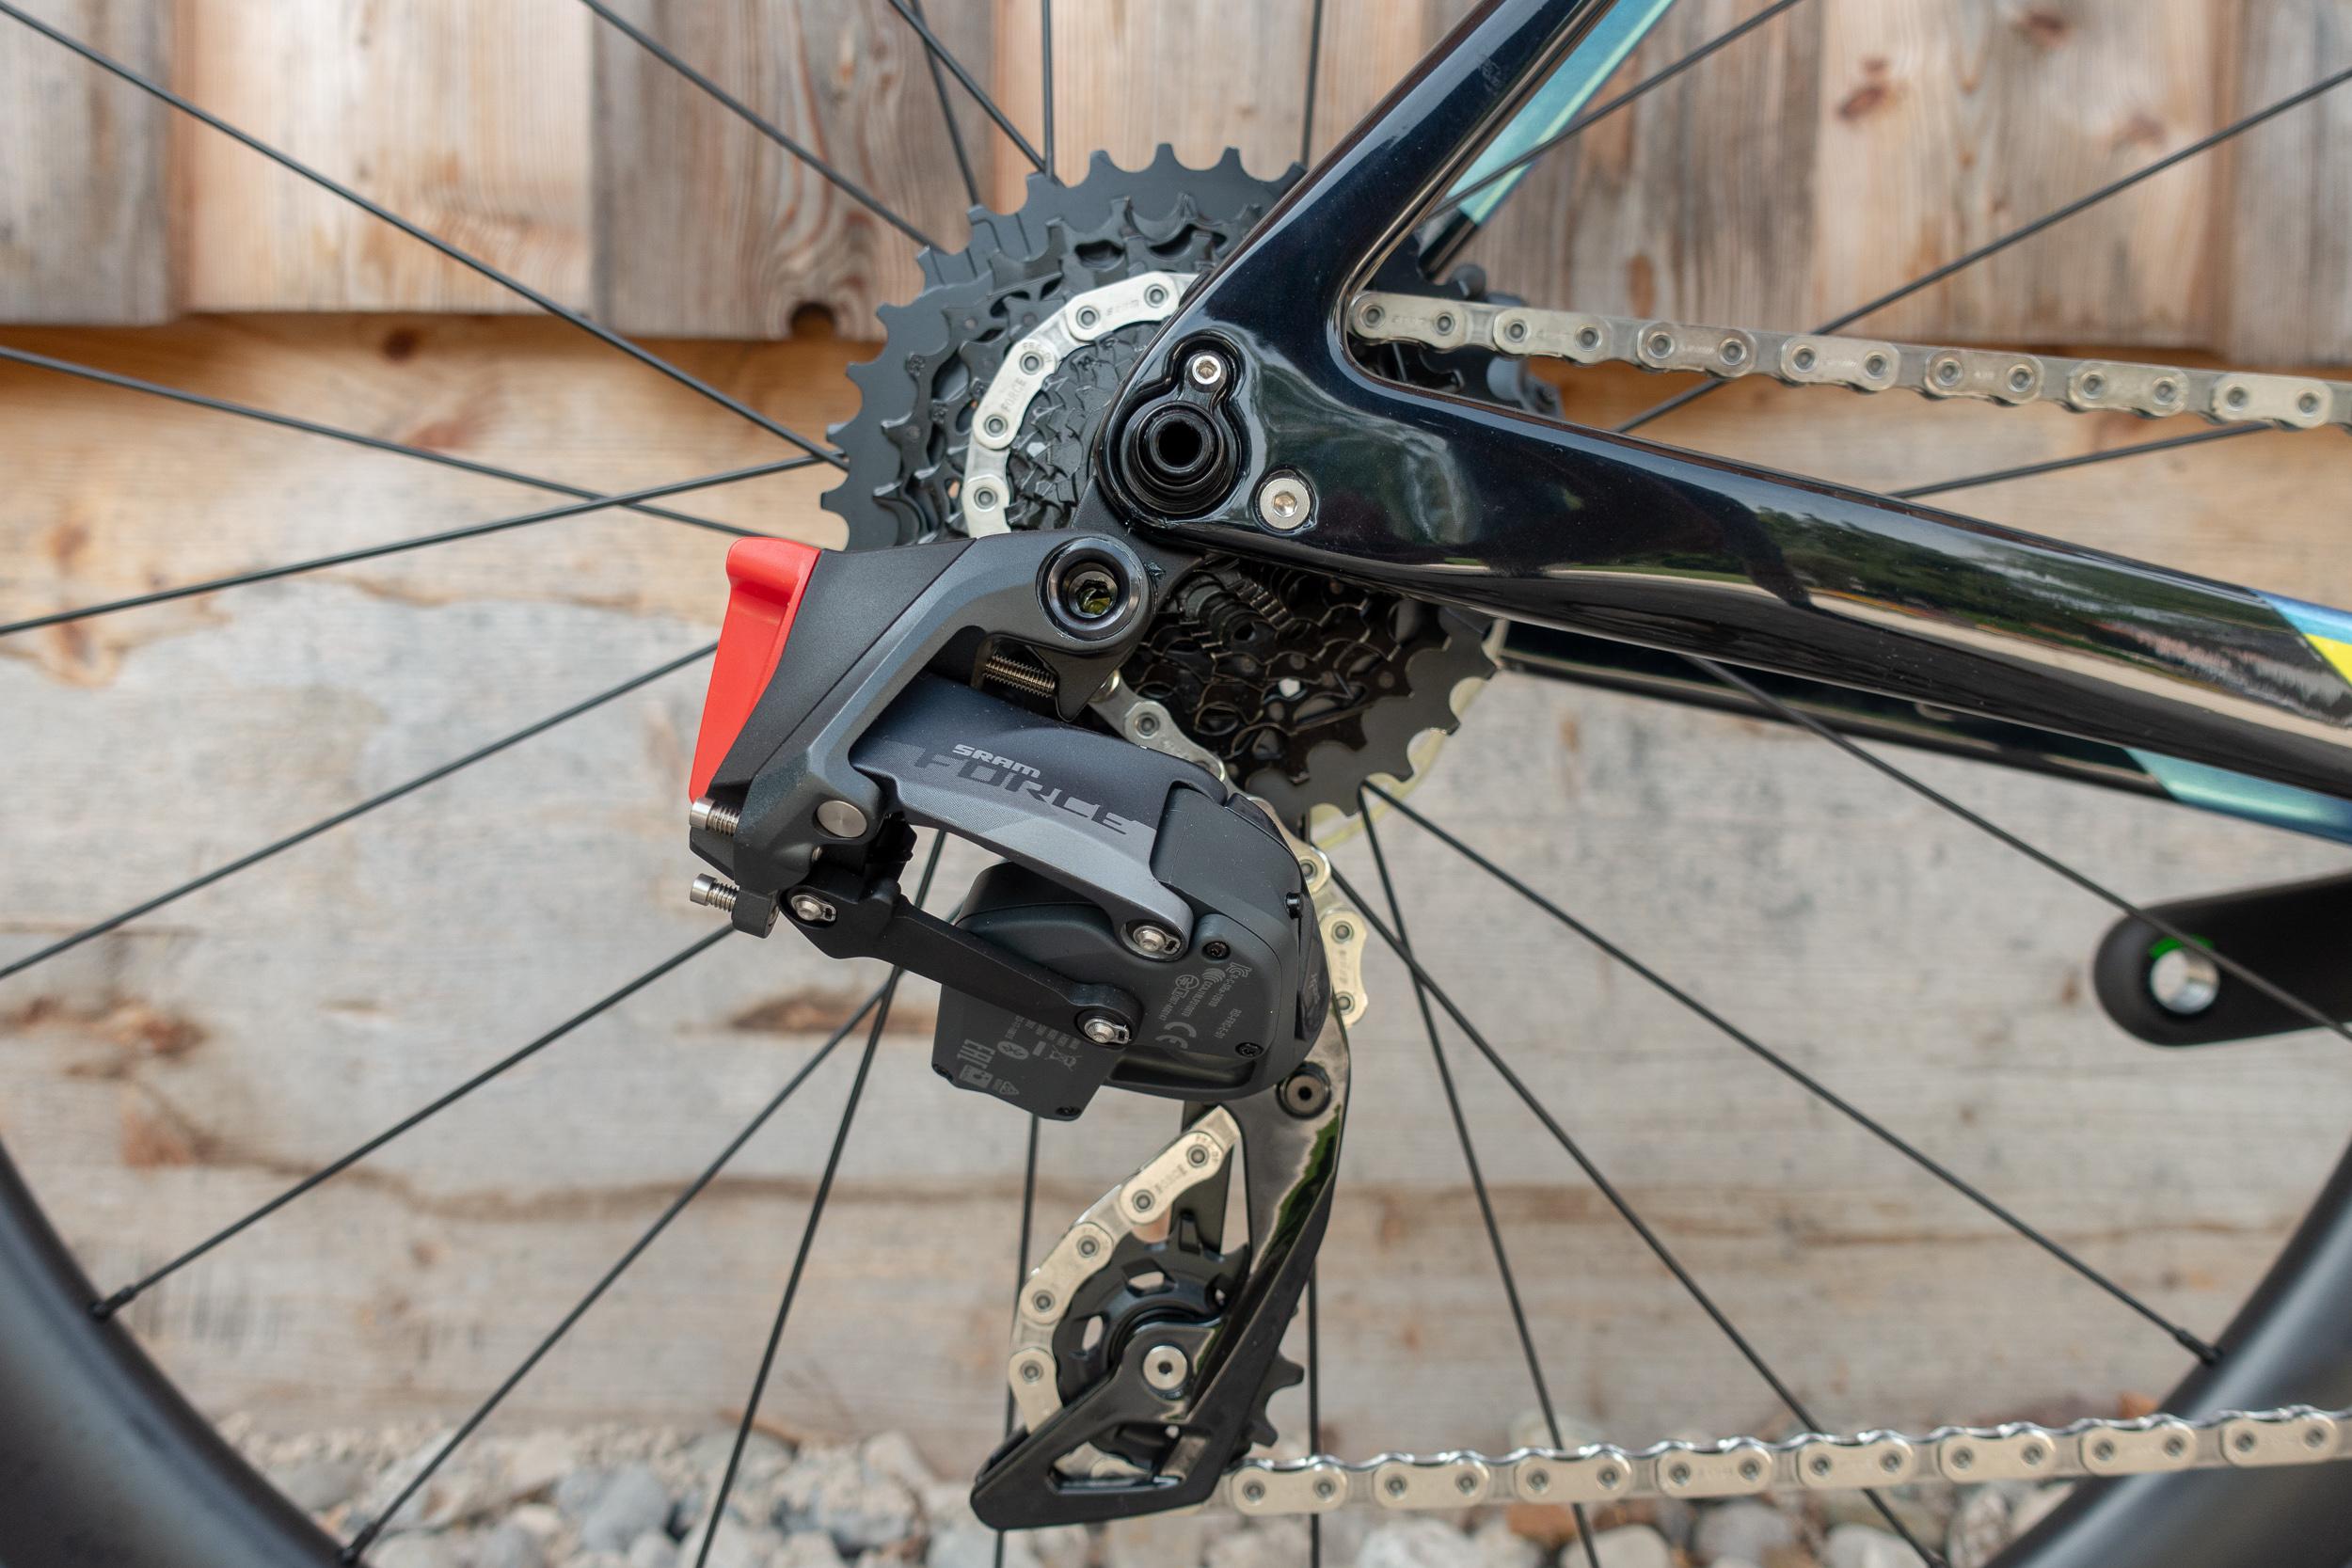 Sram Force eTap AXS 1-fach mit 10-33 Kassette hinten